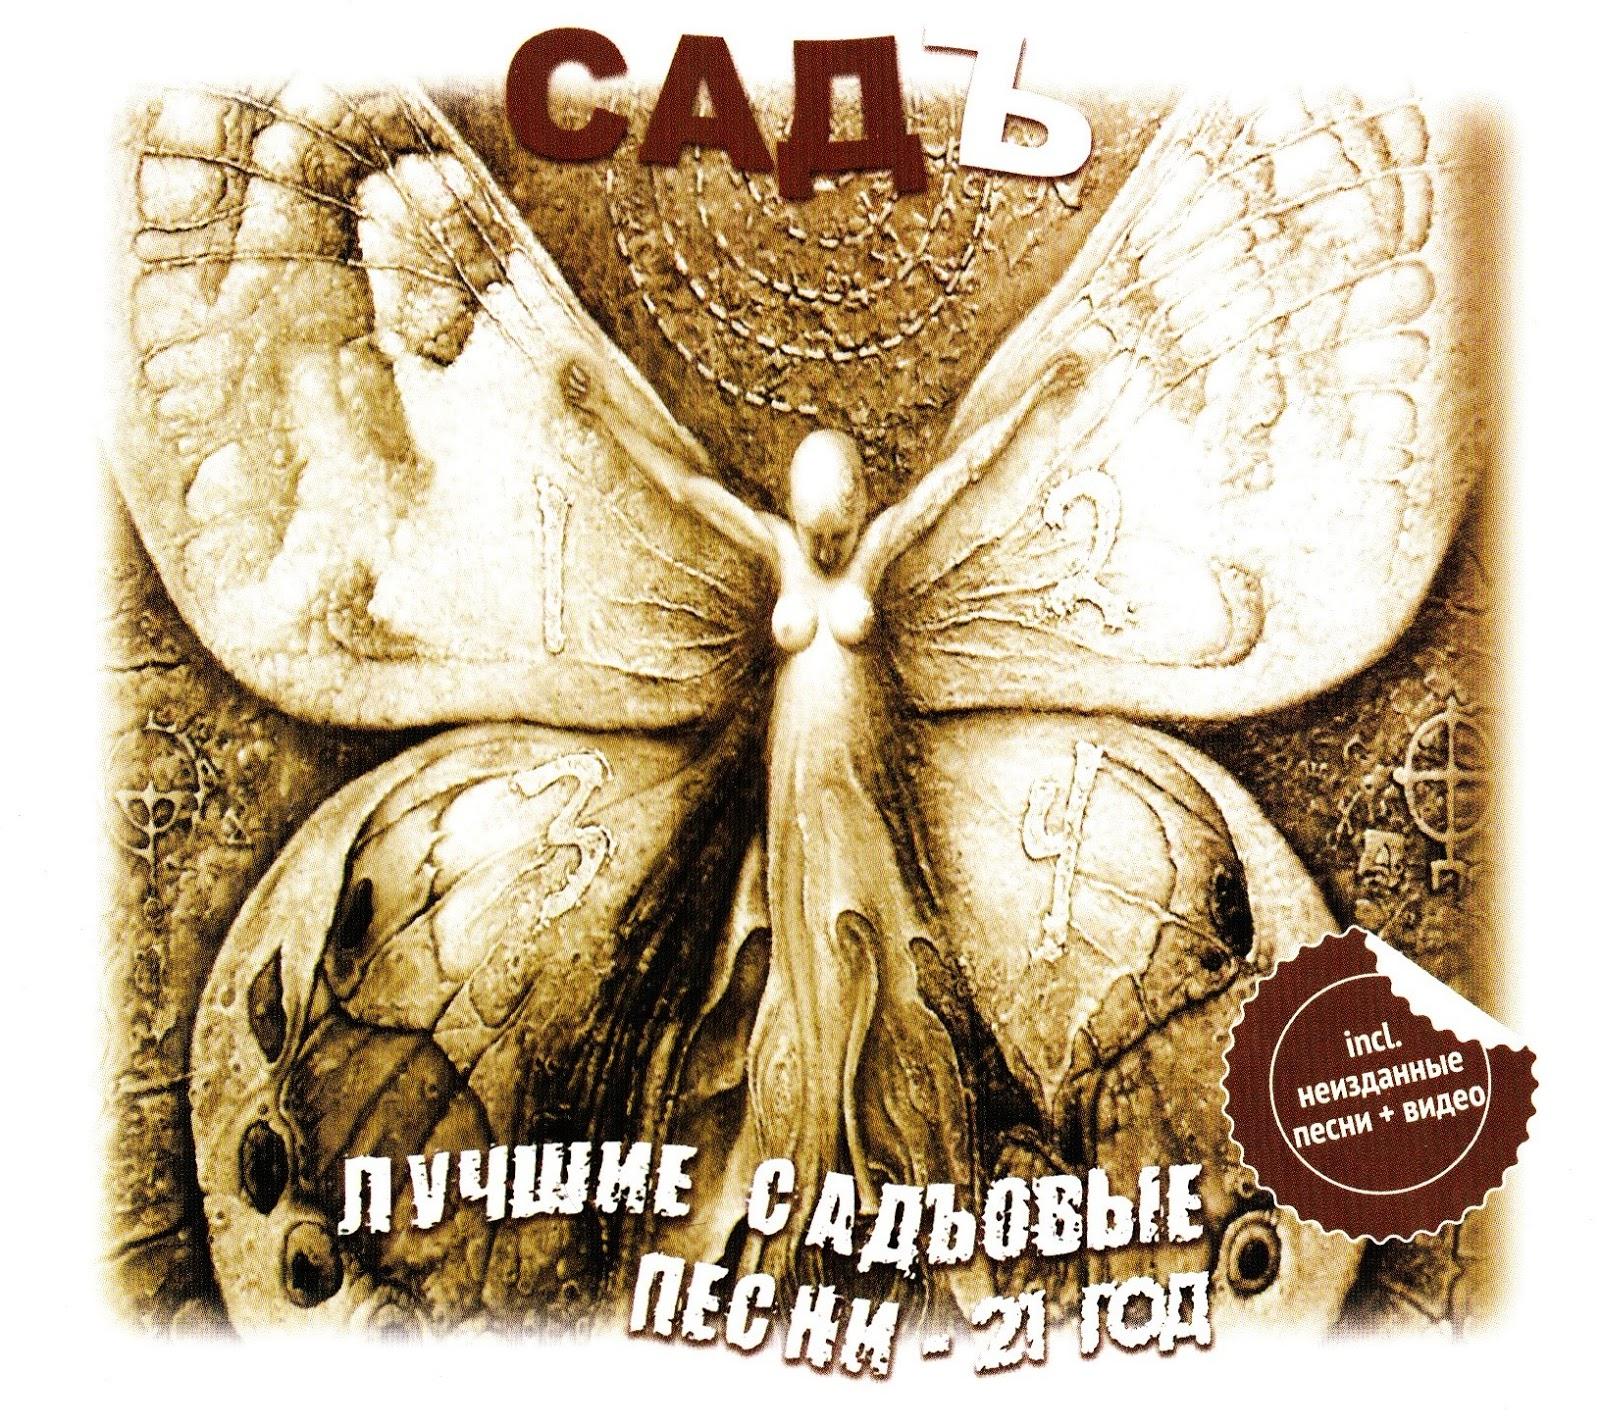 Садъ — Лучшие САДЪовые Песни — 21 год (2012)